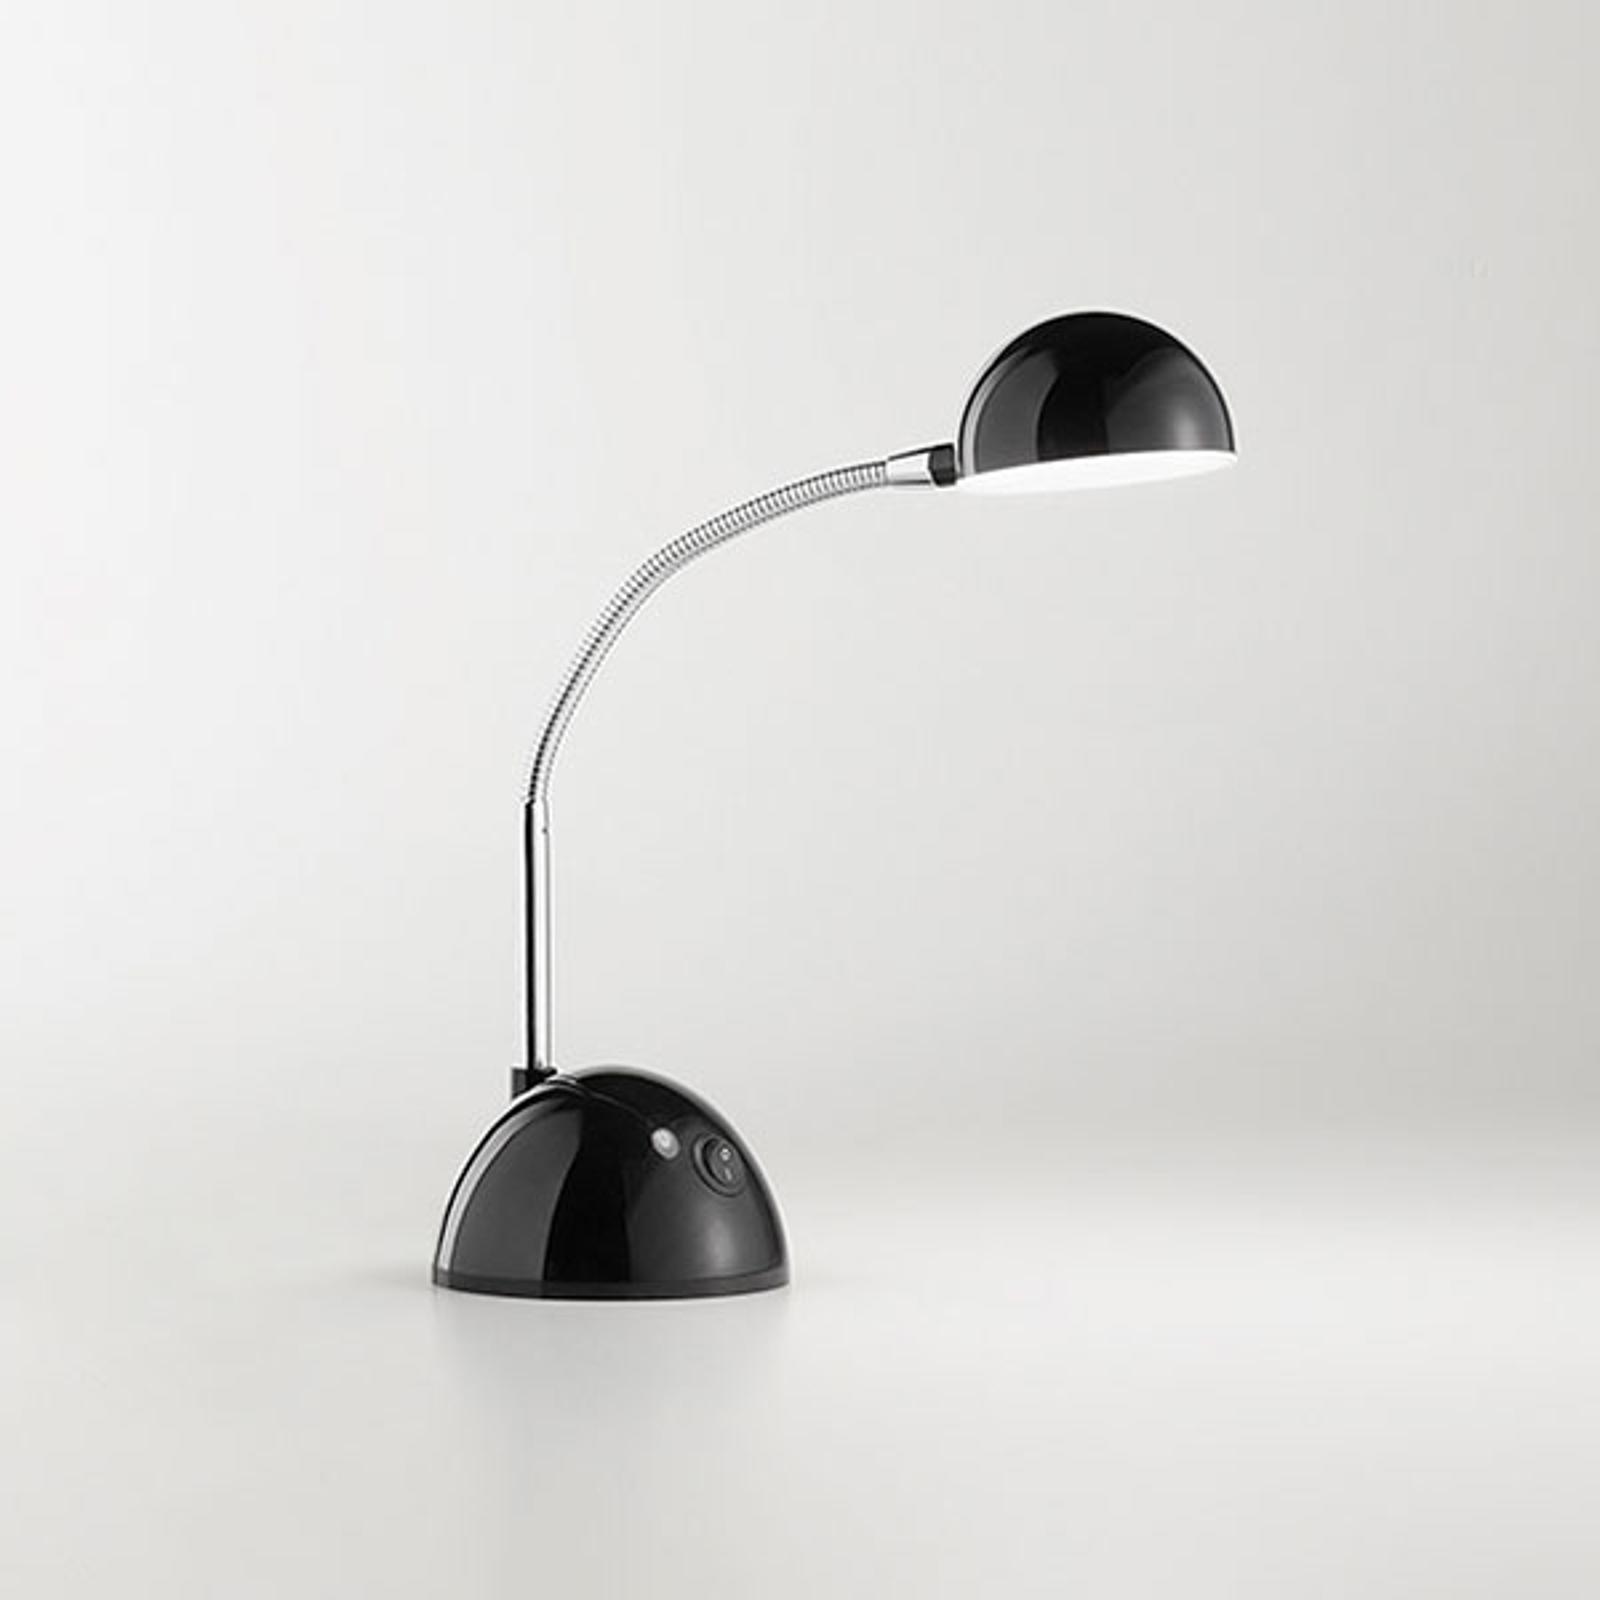 Lampe à poser LED 6512 avec bras flexible, noir